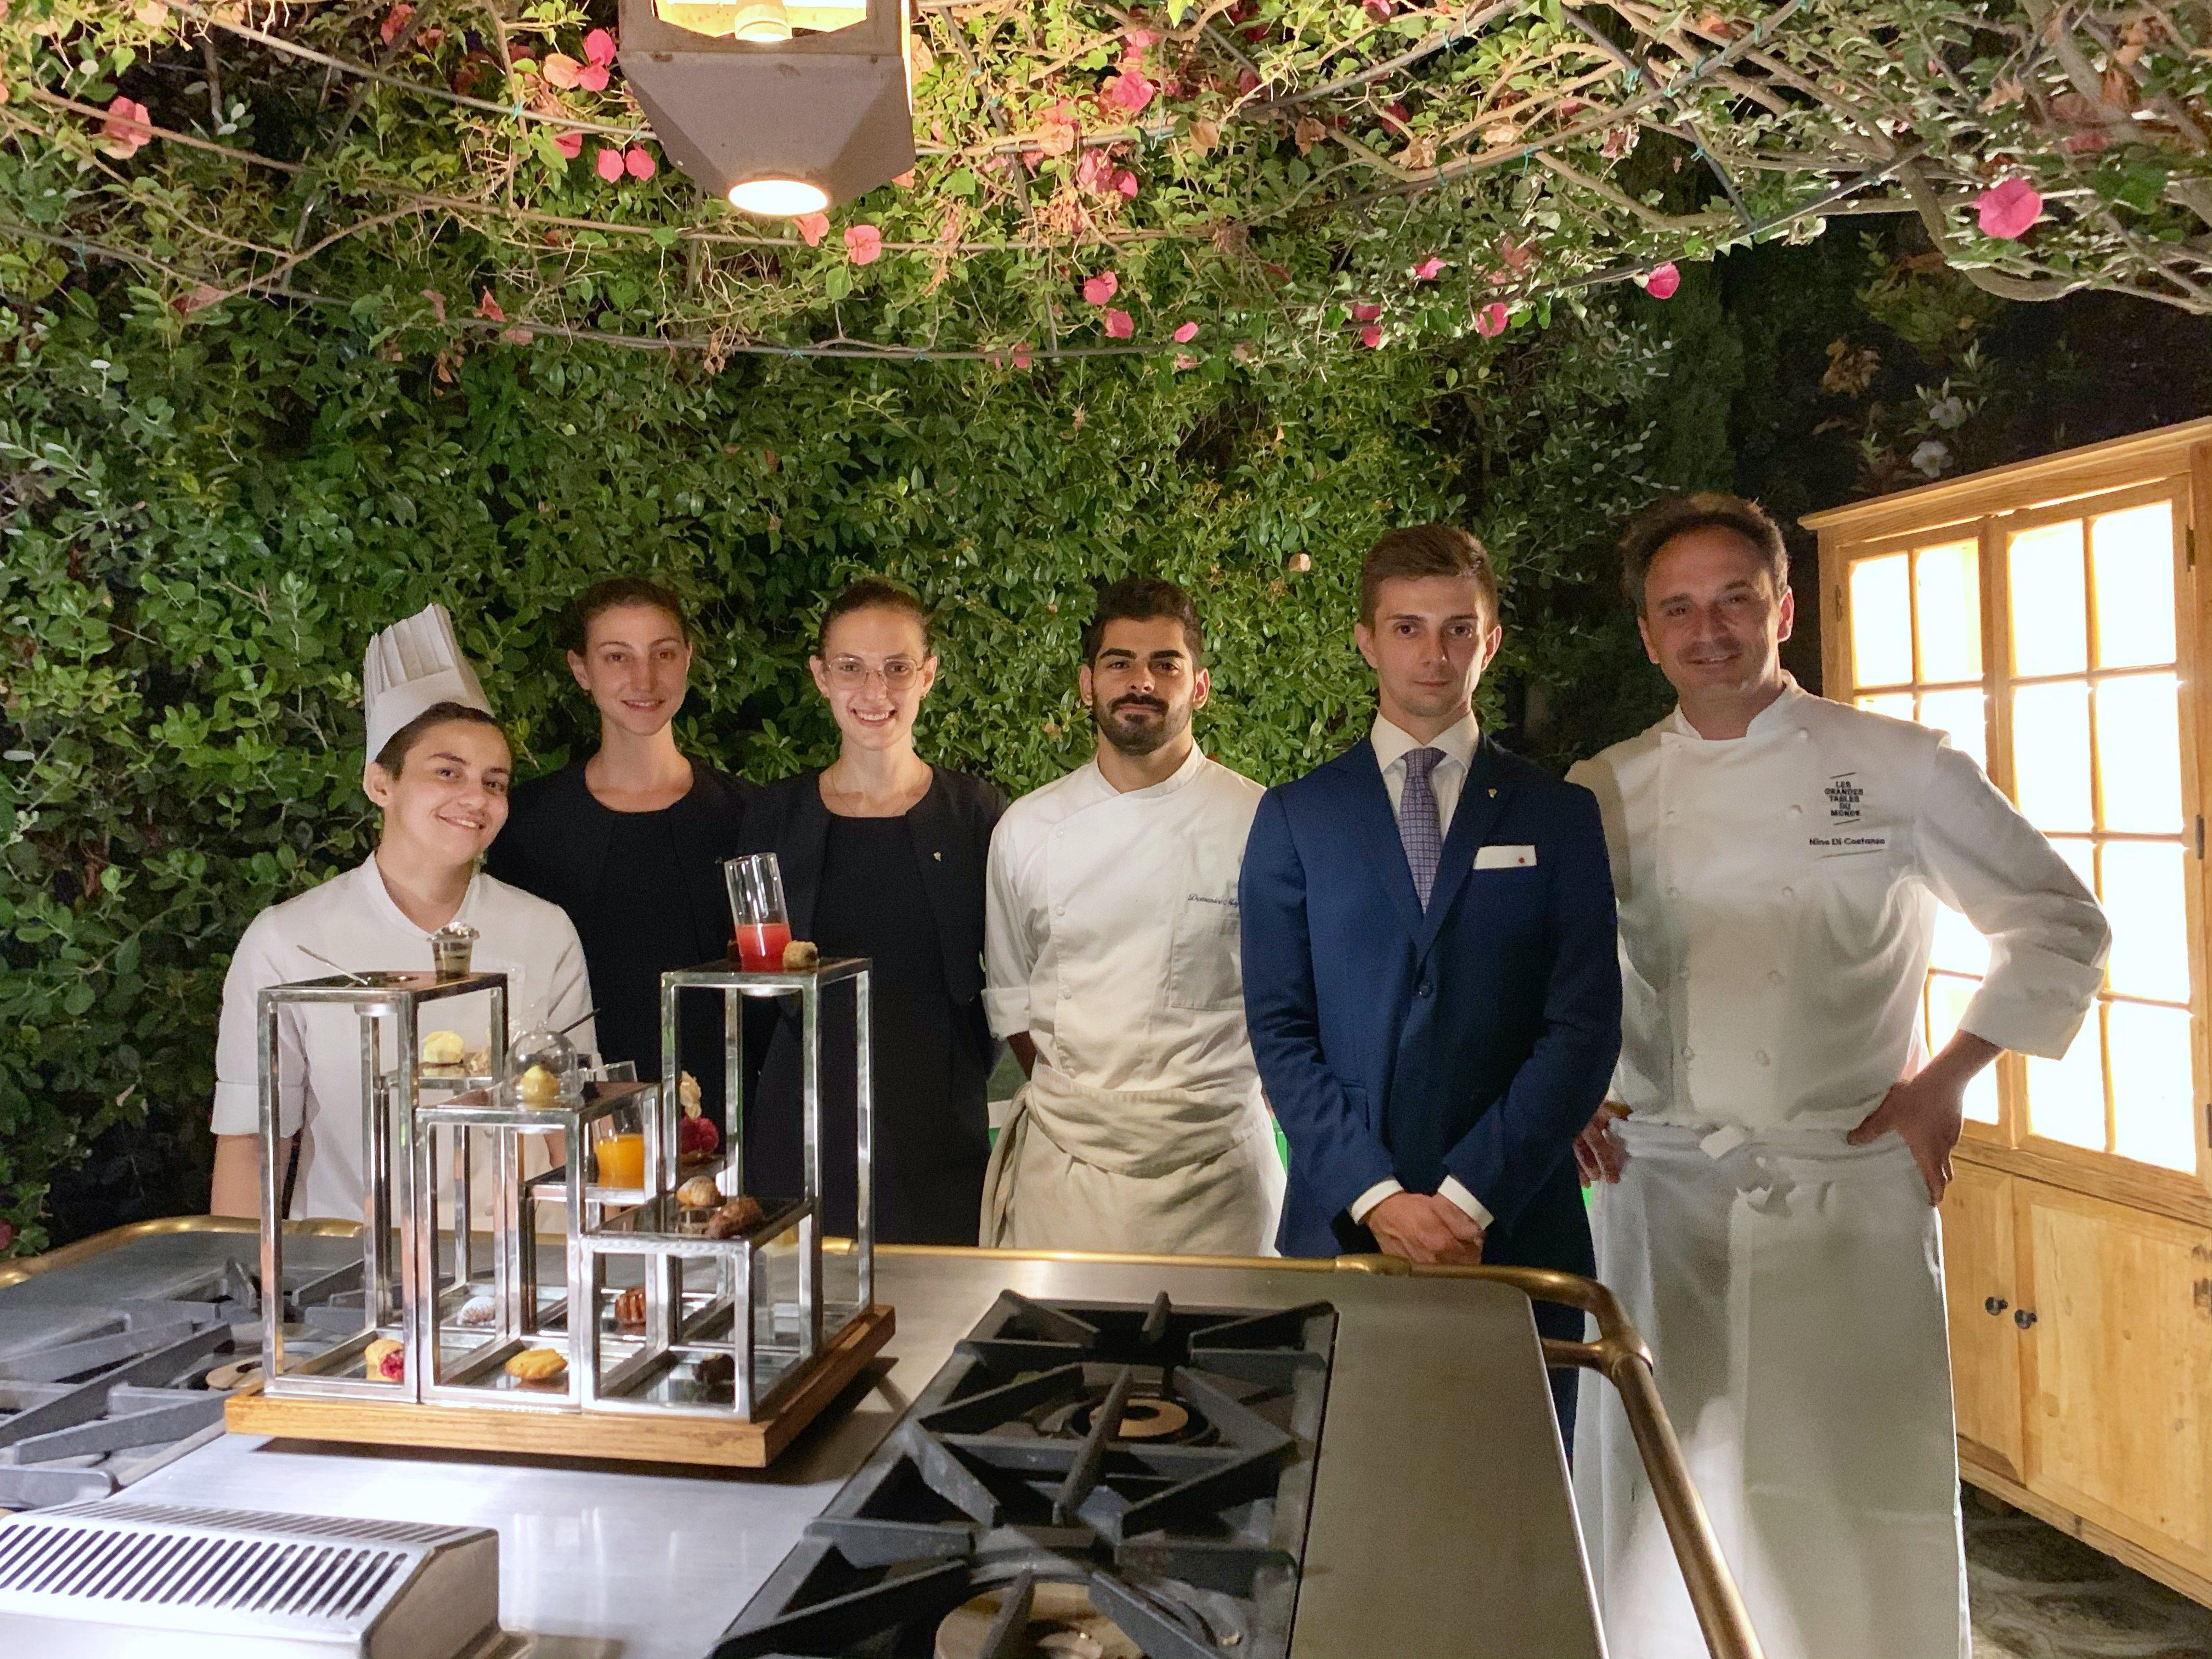 Michela Serpe, Teresa Ferrati, Jessica Rocchi, Domenico Magliulo, Matteo Conci e lo chef Nino Di Costanzo